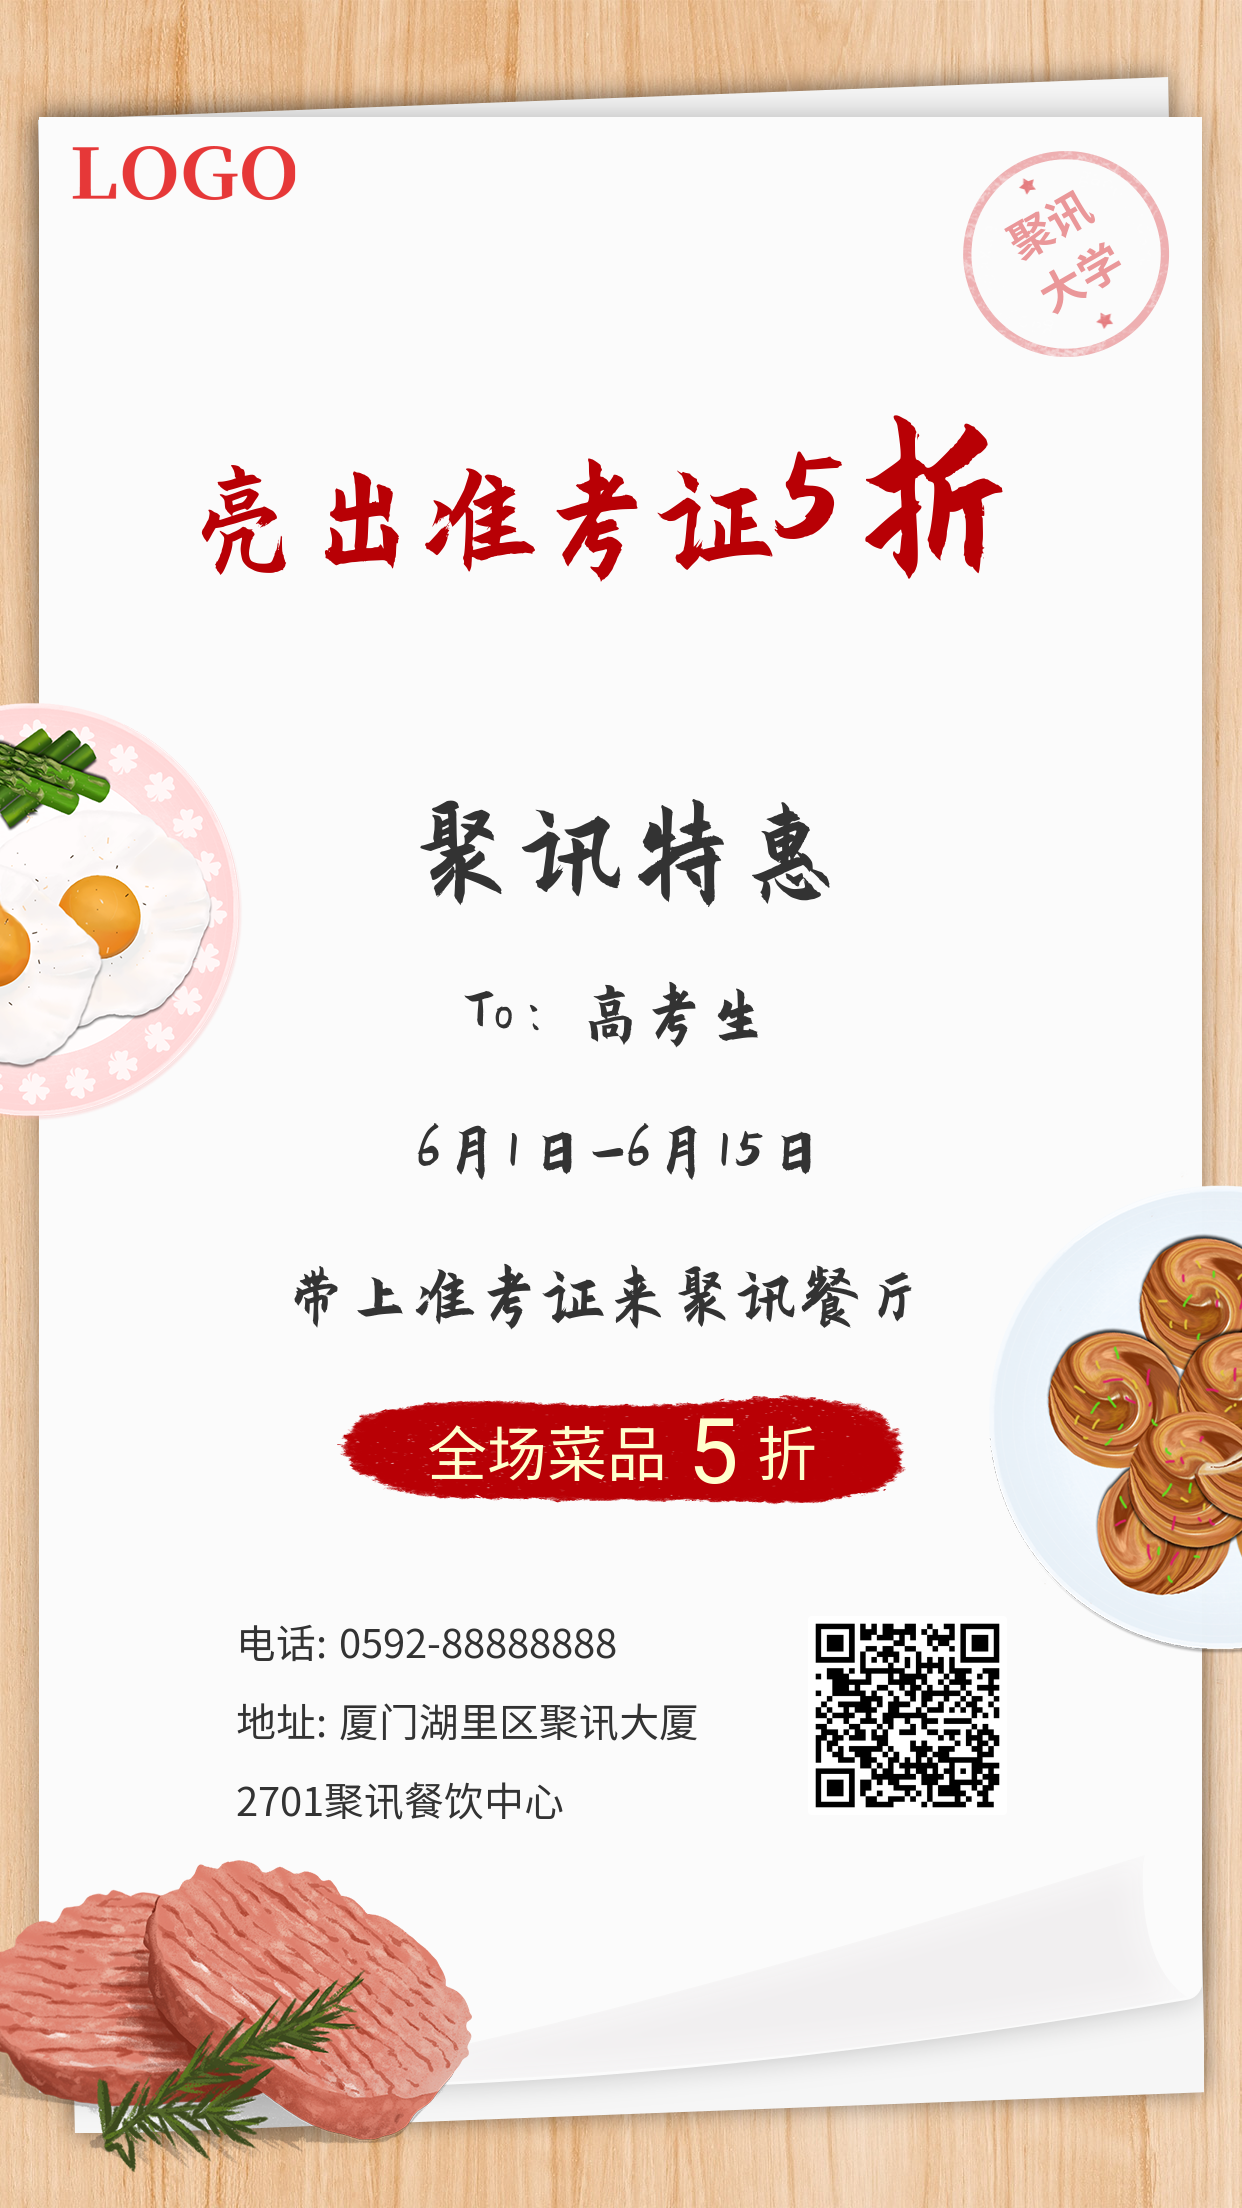 餐饮美食高考活动促销打折手机海报